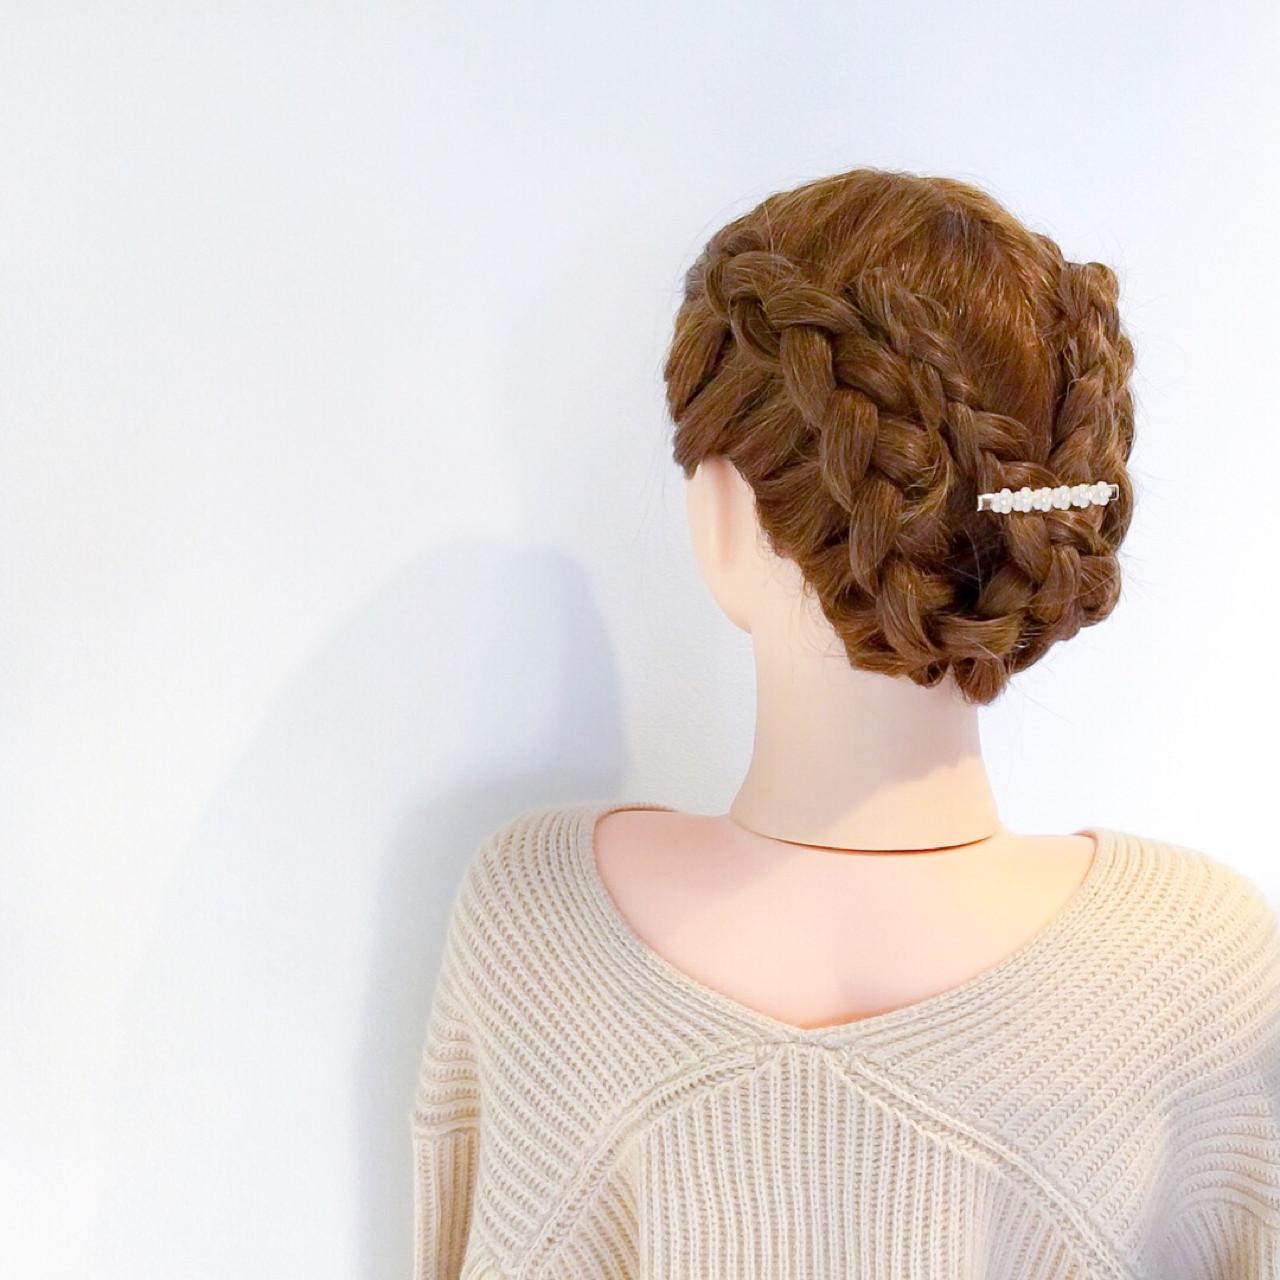 デート 結婚式 セミロング フェミニン ヘアスタイルや髪型の写真・画像